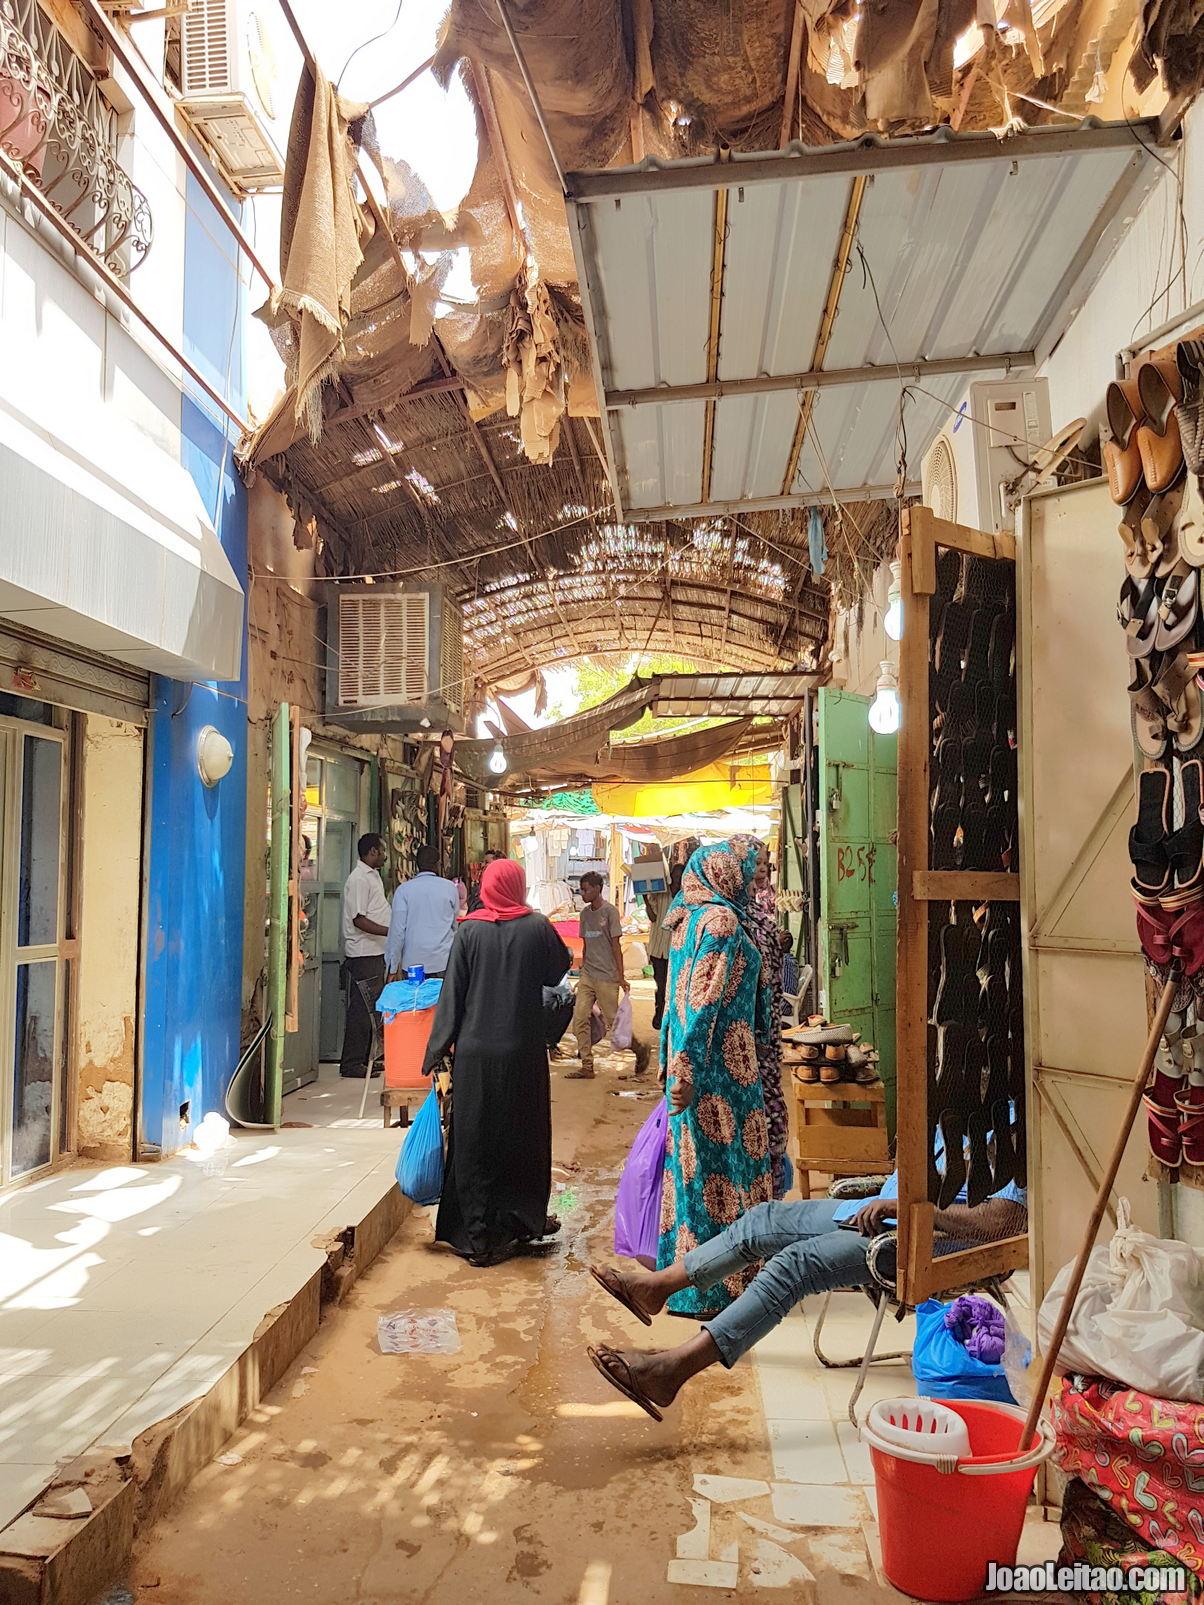 Omdurman Souk in Khartoum